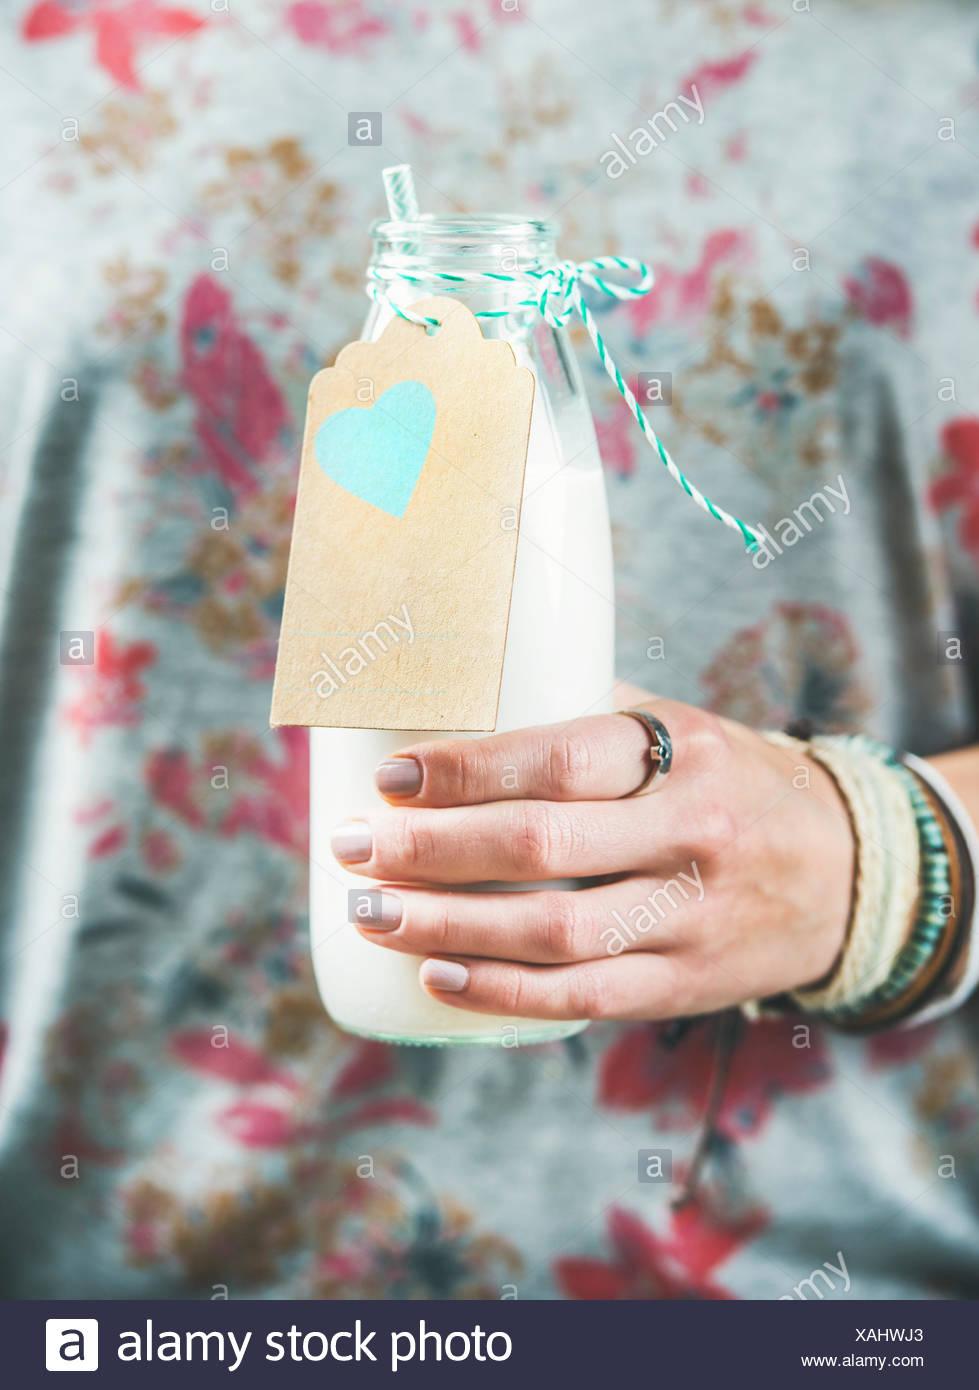 Joven en camiseta gris con dibujos florales sosteniendo una botella de leche de almendras sin lácteos en su mano. Limpie el comer, veganas, vegetarianas, dietas, salud Imagen De Stock